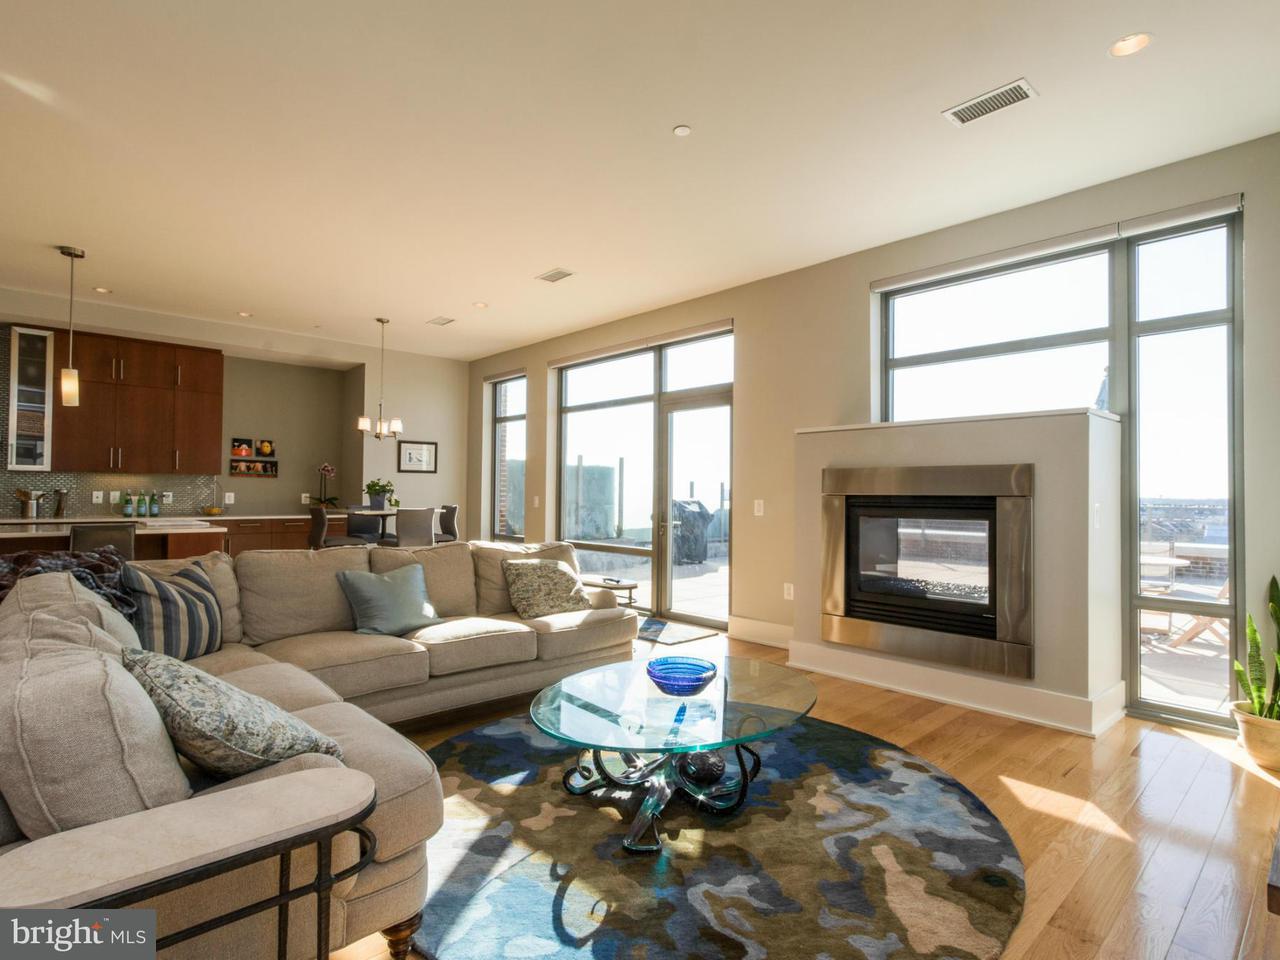 Πολυκατοικία ατομικής ιδιοκτησίας για την Πώληση στο 601 Fairfax St #602 601 Fairfax St #602 Alexandria, Βιρτζινια 22314 Ηνωμενεσ Πολιτειεσ